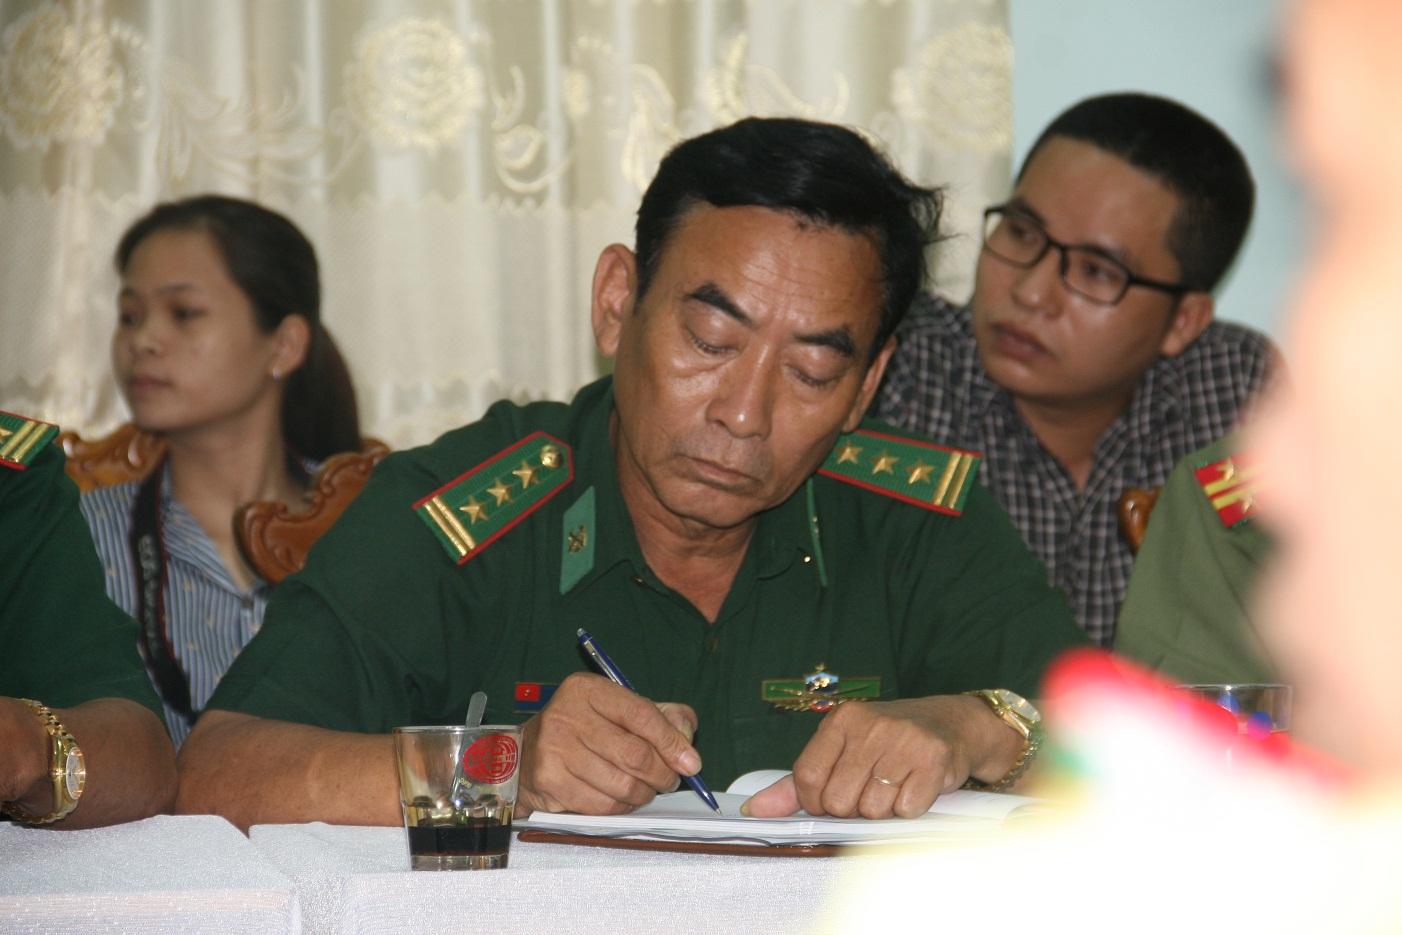 Ông Lê Trung Thịnh (ảnh trên) và đồn trưởng - thượng tá Nguyễn Tấn Lạc là 2 trong số 4 người bị đình chỉ công tác